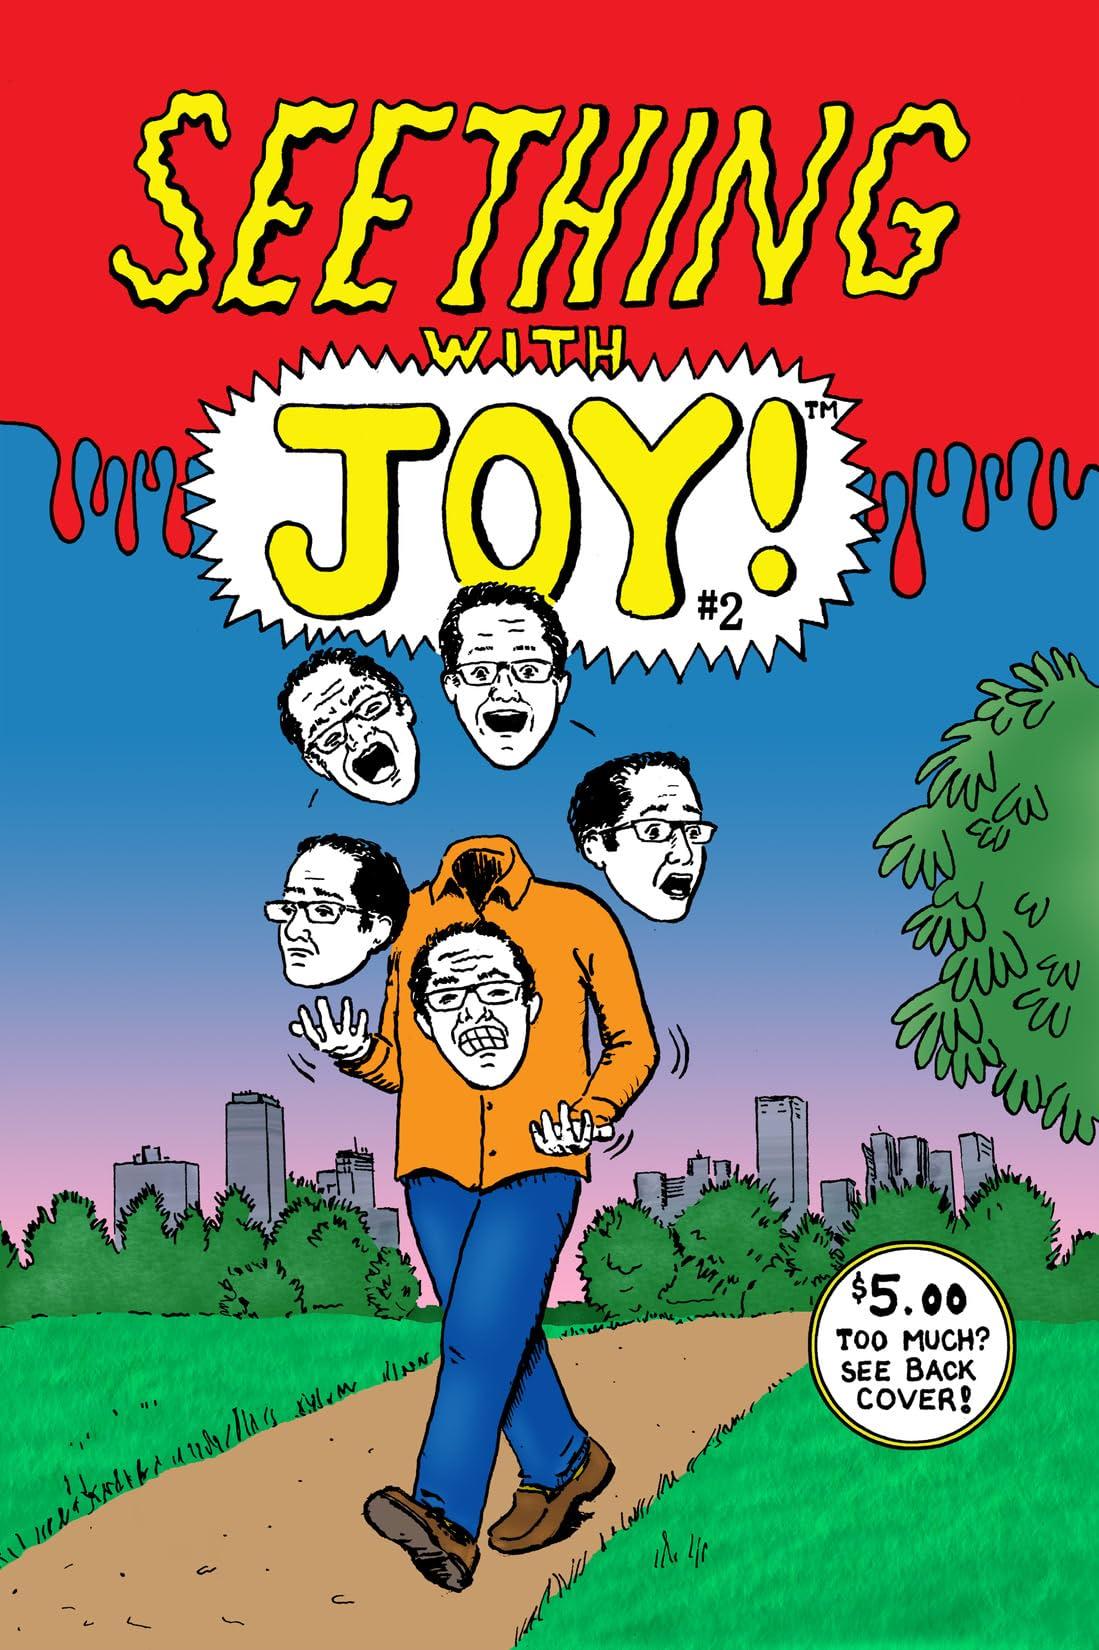 Seething With Joy #2